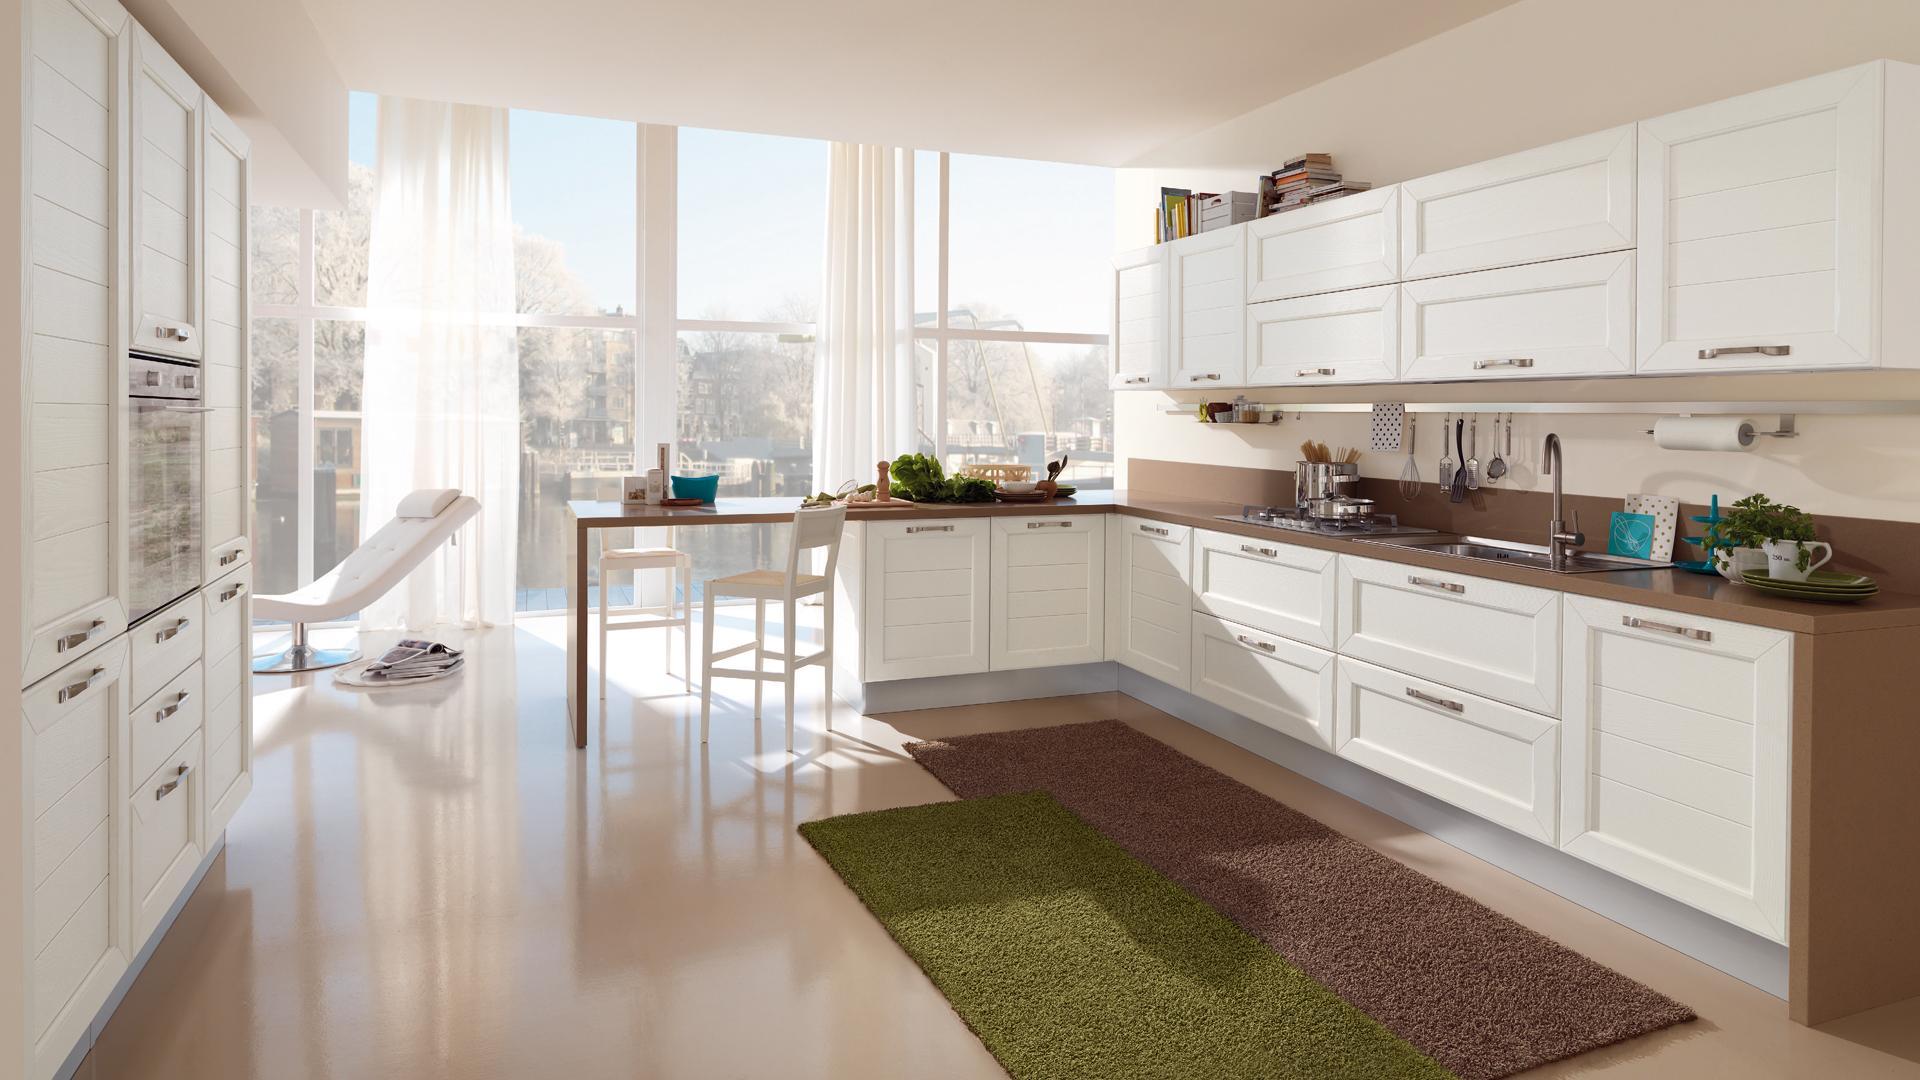 Cucine lube ad angolo i suggerimenti per arredare lube store milano le cucine lube creo a - Cucina classica contemporanea ...